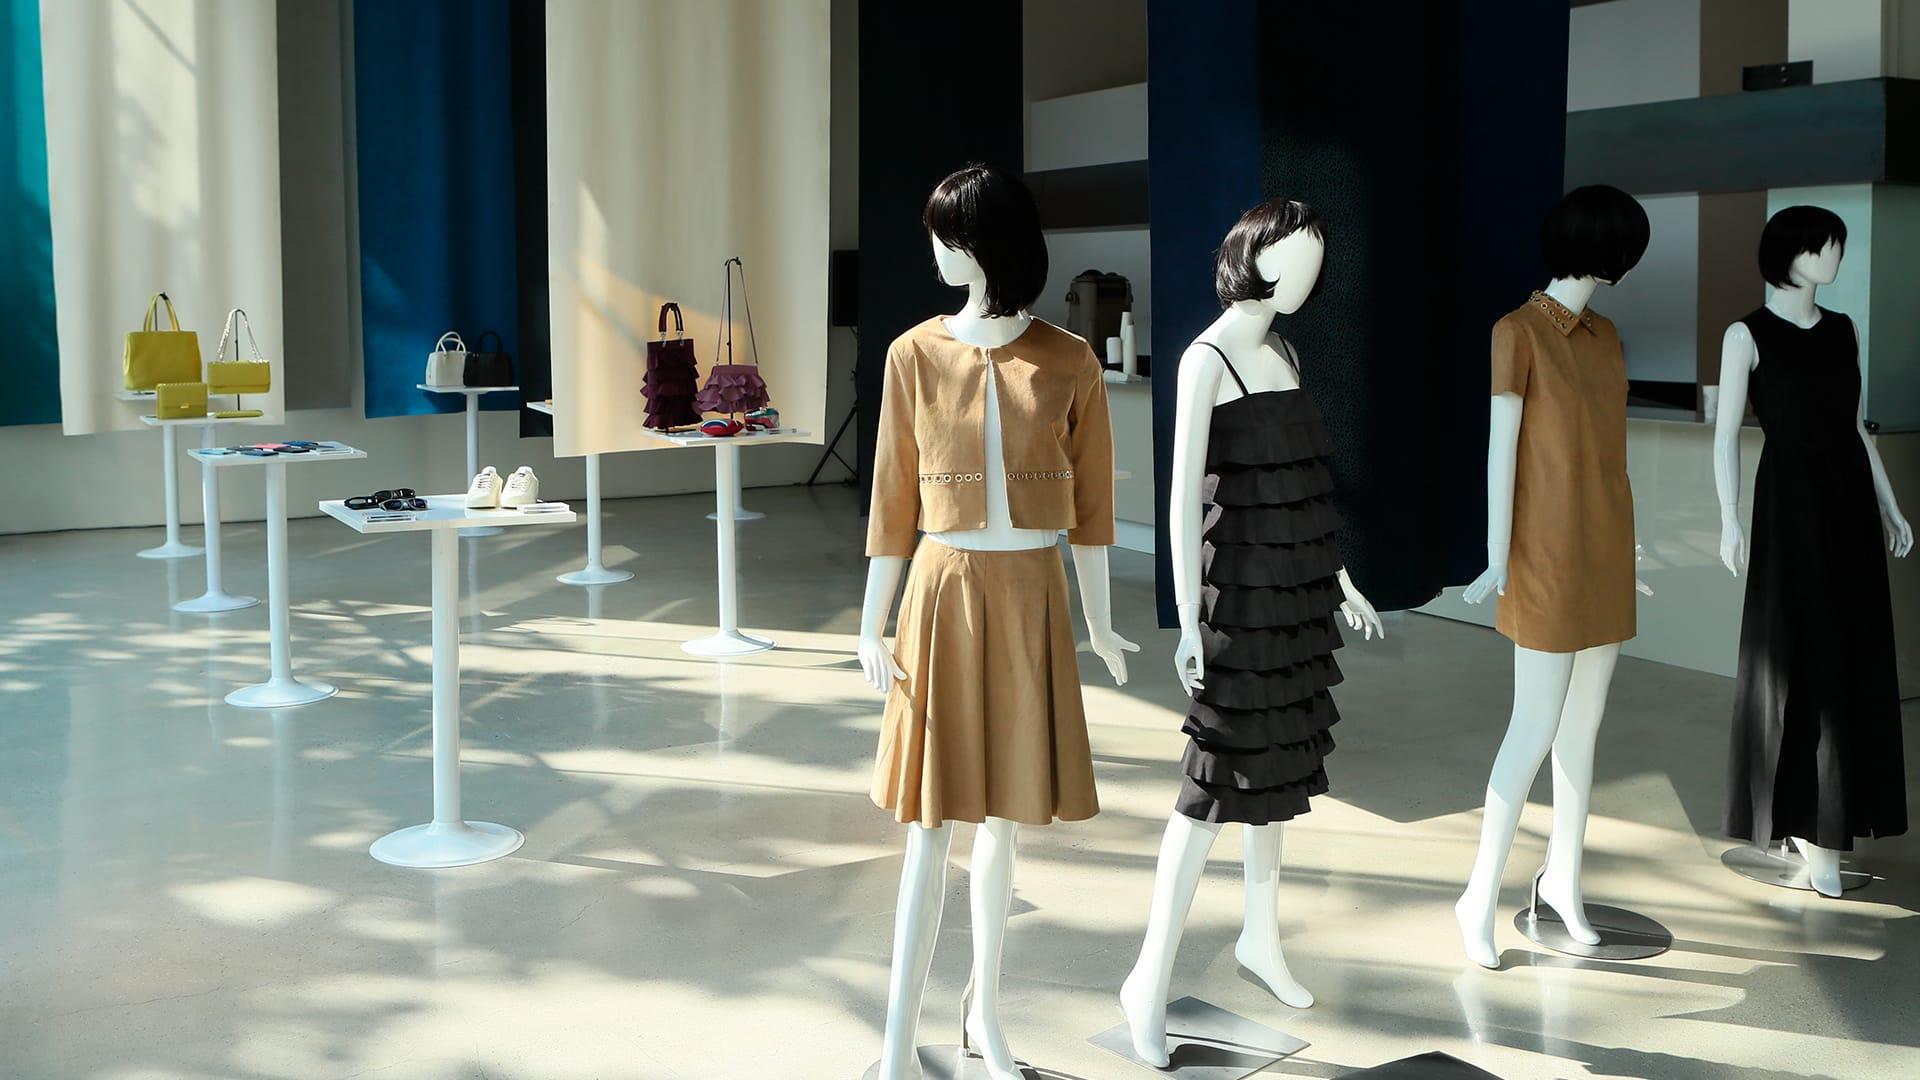 alcantara-k-contemporary-museum-3 -